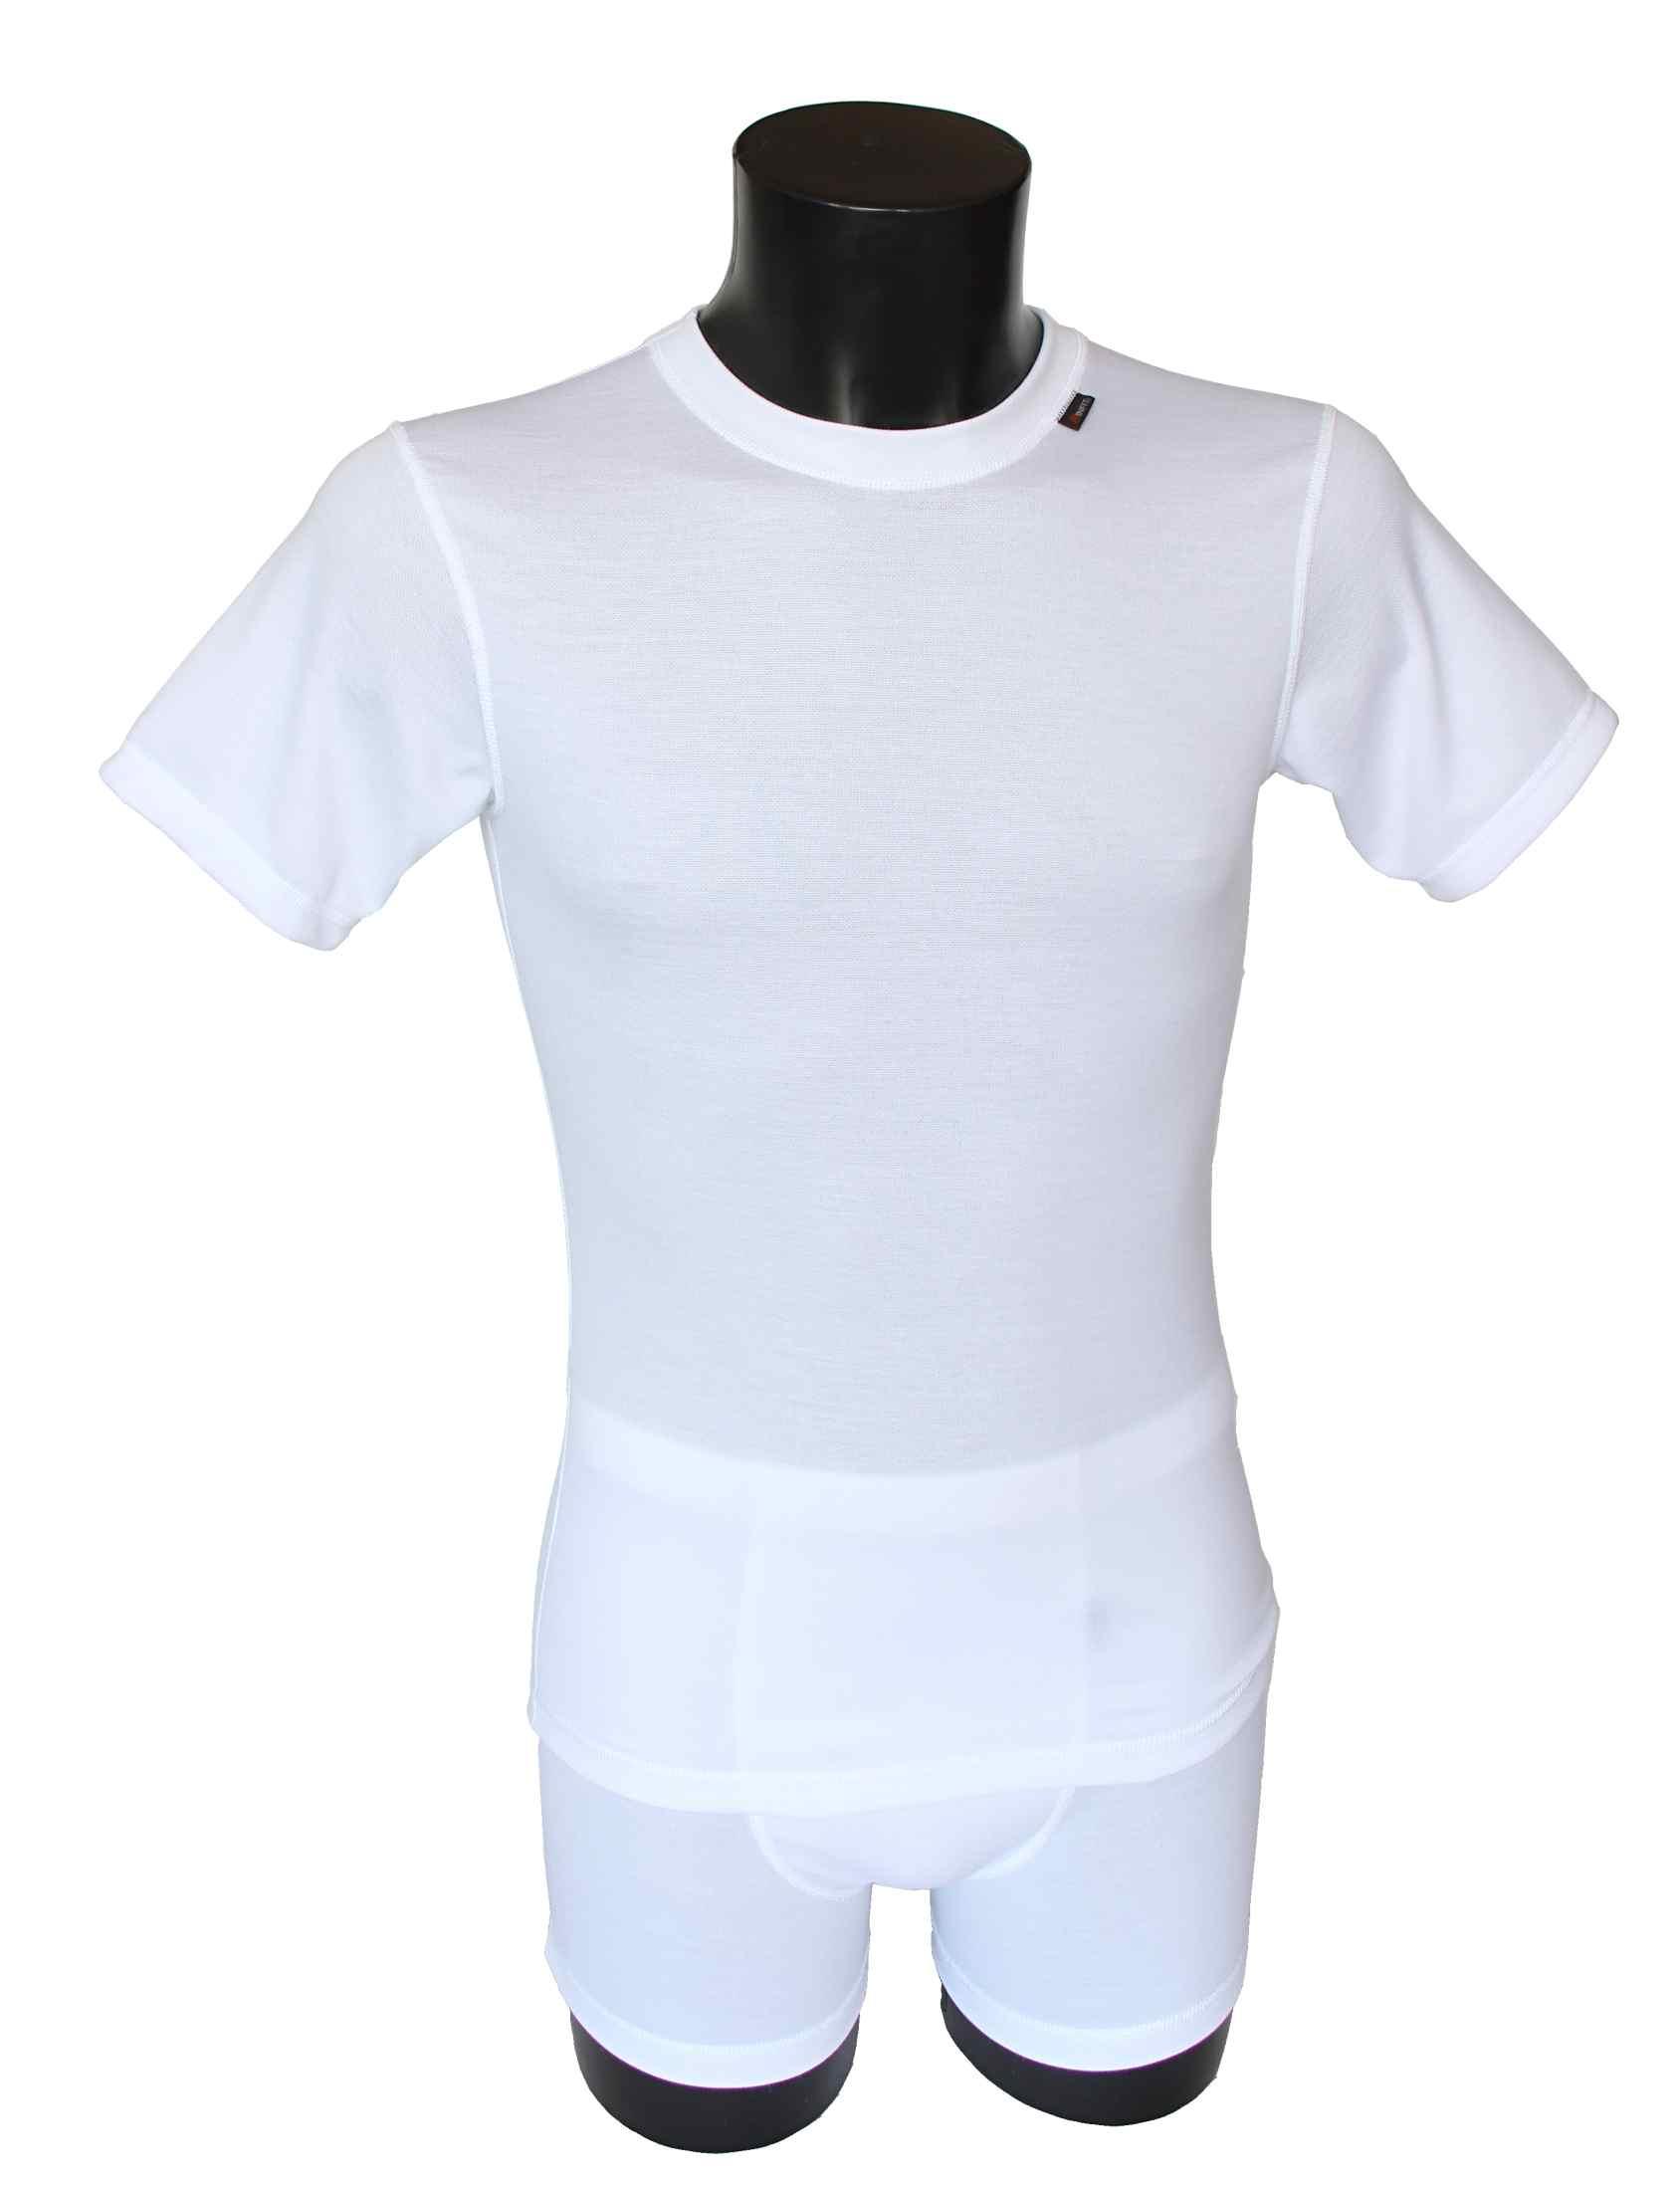 Loft pánské triko s krátkým rukávem LIMITOVANÁ SÉRIE !!  4bd89f0fca